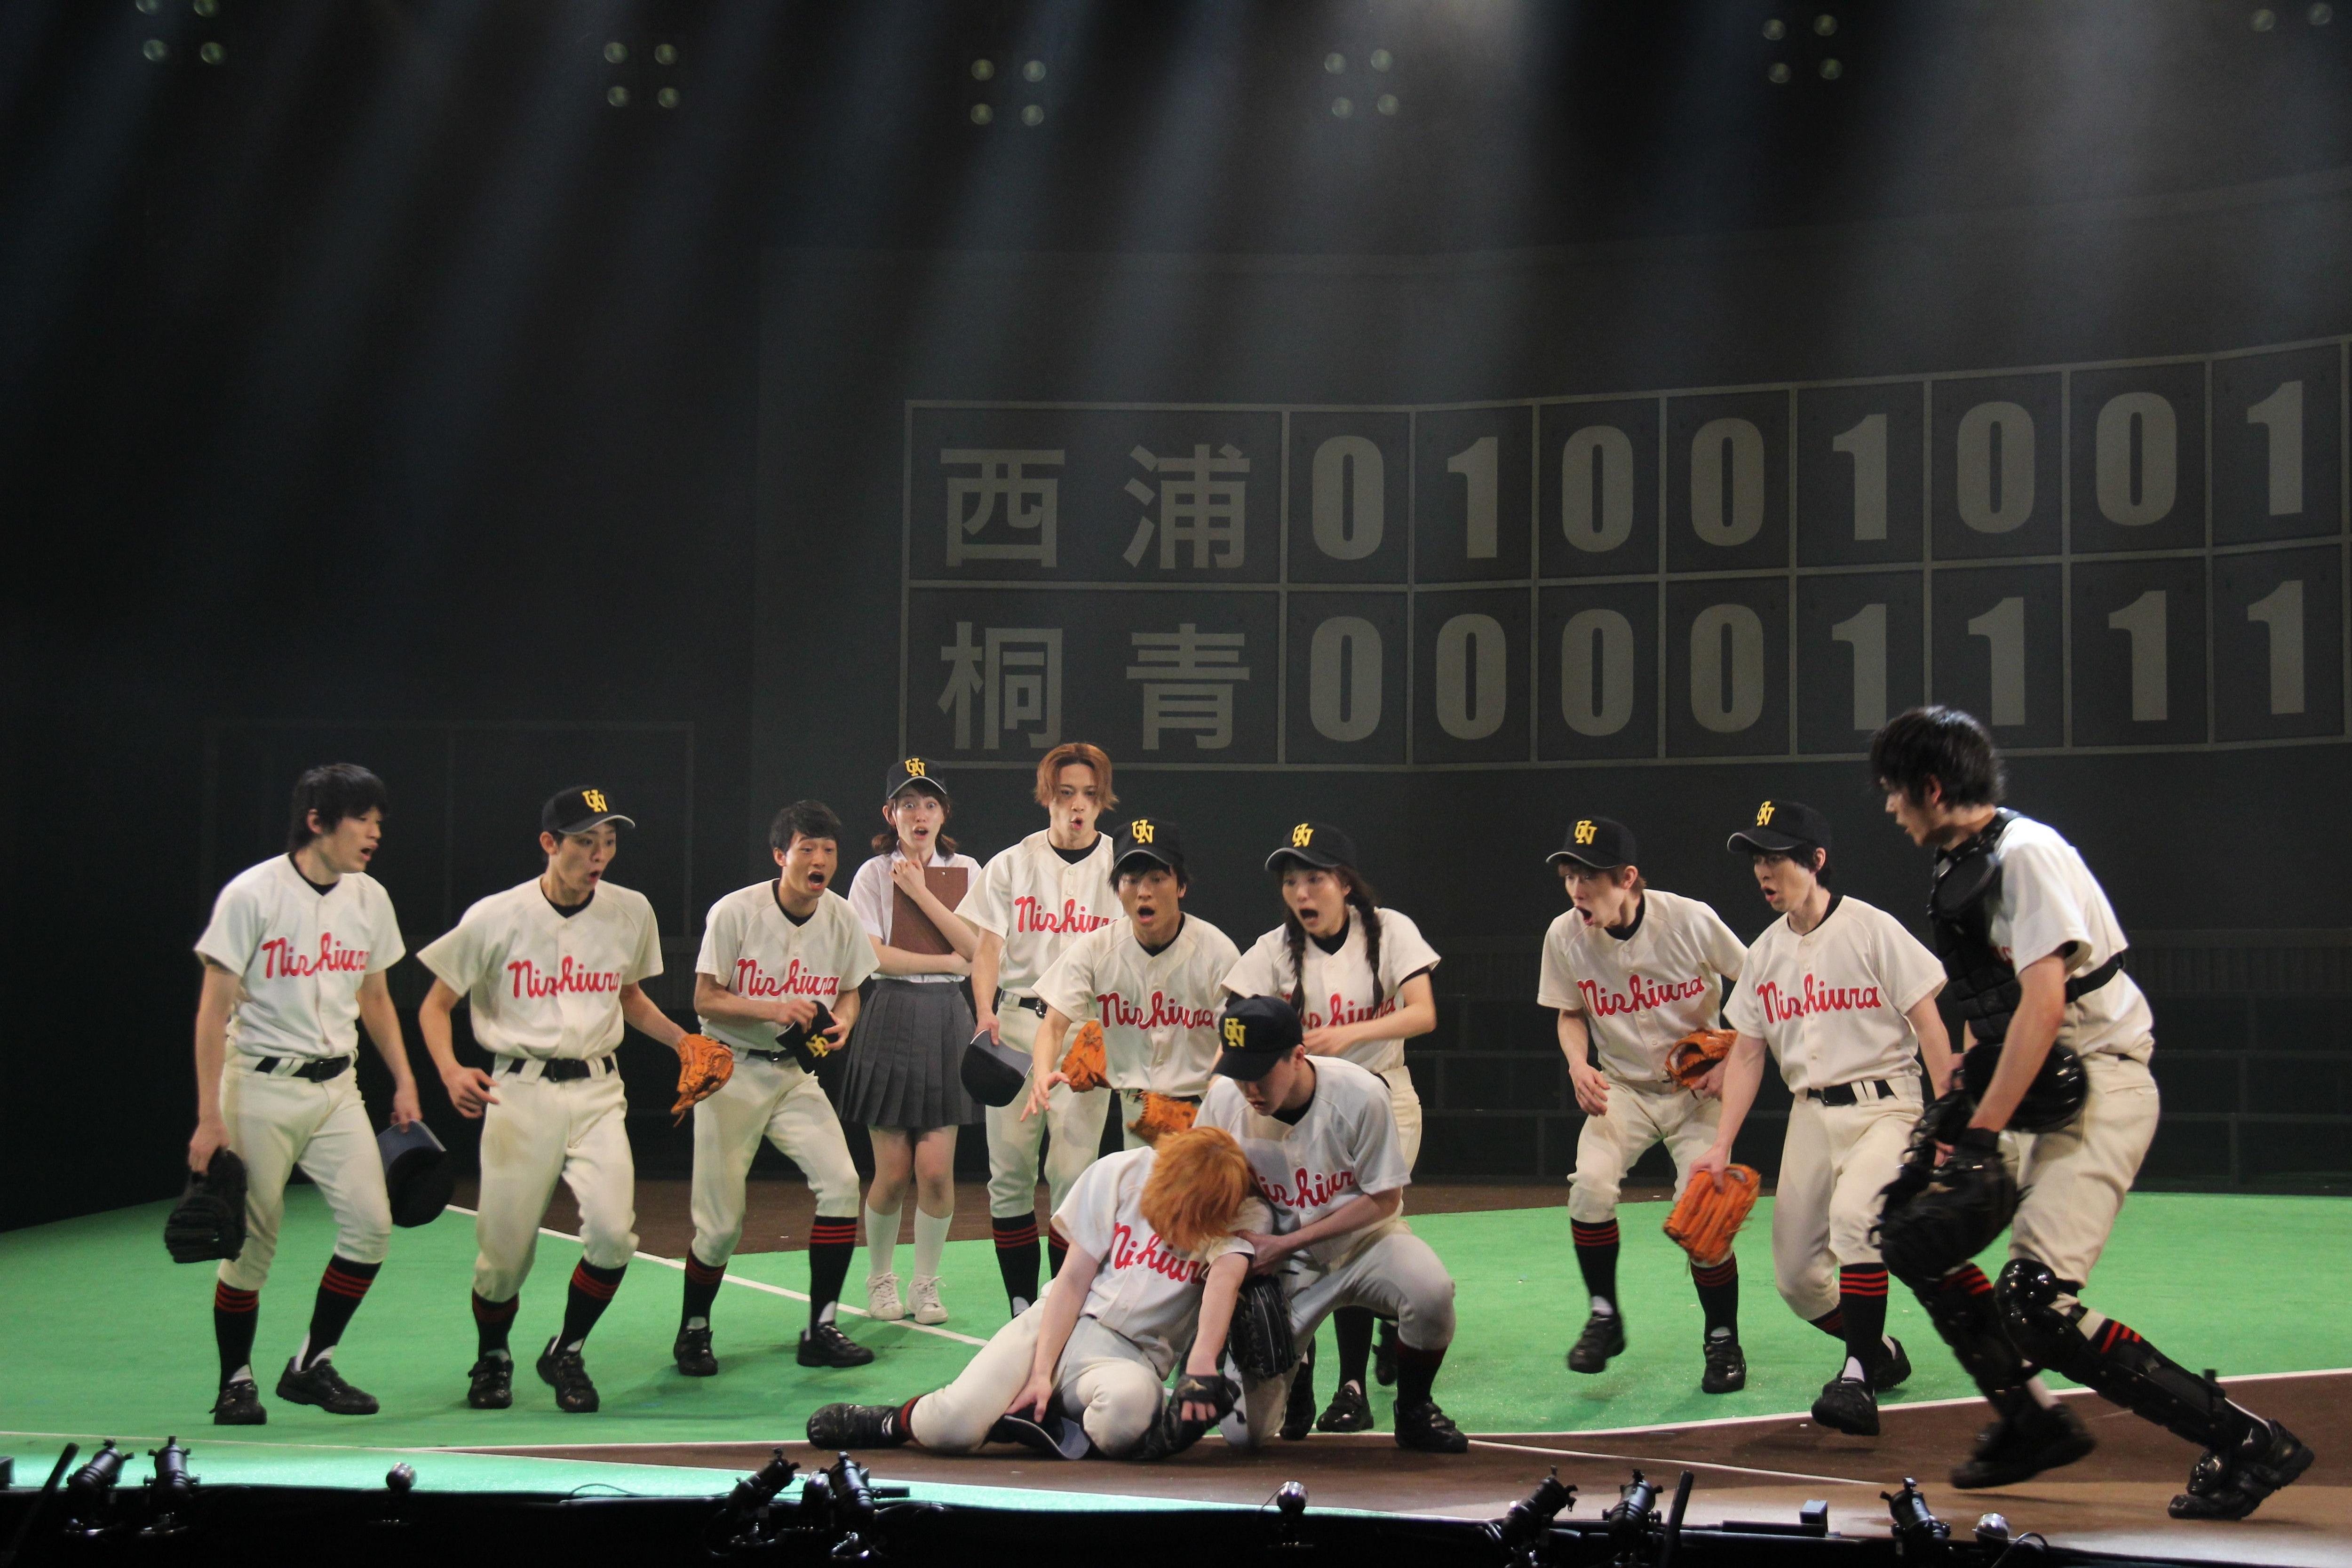 舞台『おおきく振りかぶって』ダブルヘッダー公演開幕、西銘駿「2作品って大変!」苦労を明かすの画像009